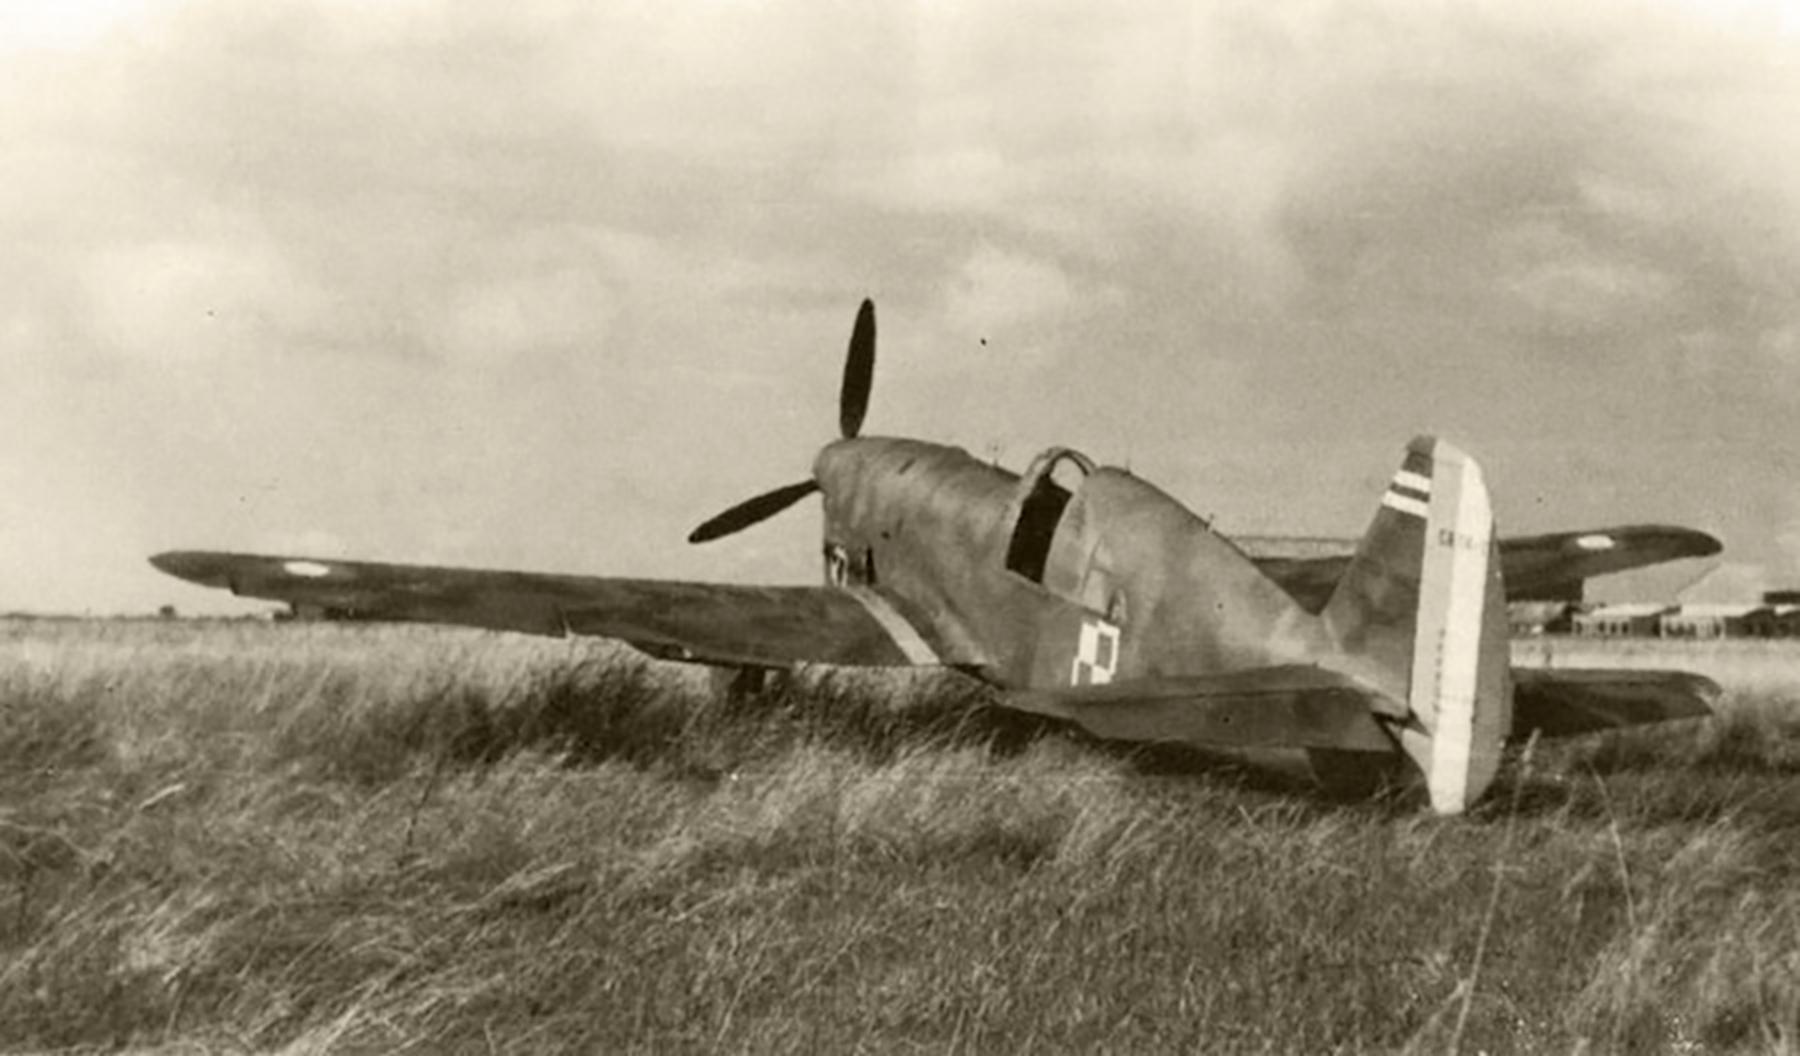 French Caudron CR 714C1 Cyclone Polish AF France 1940 web 01